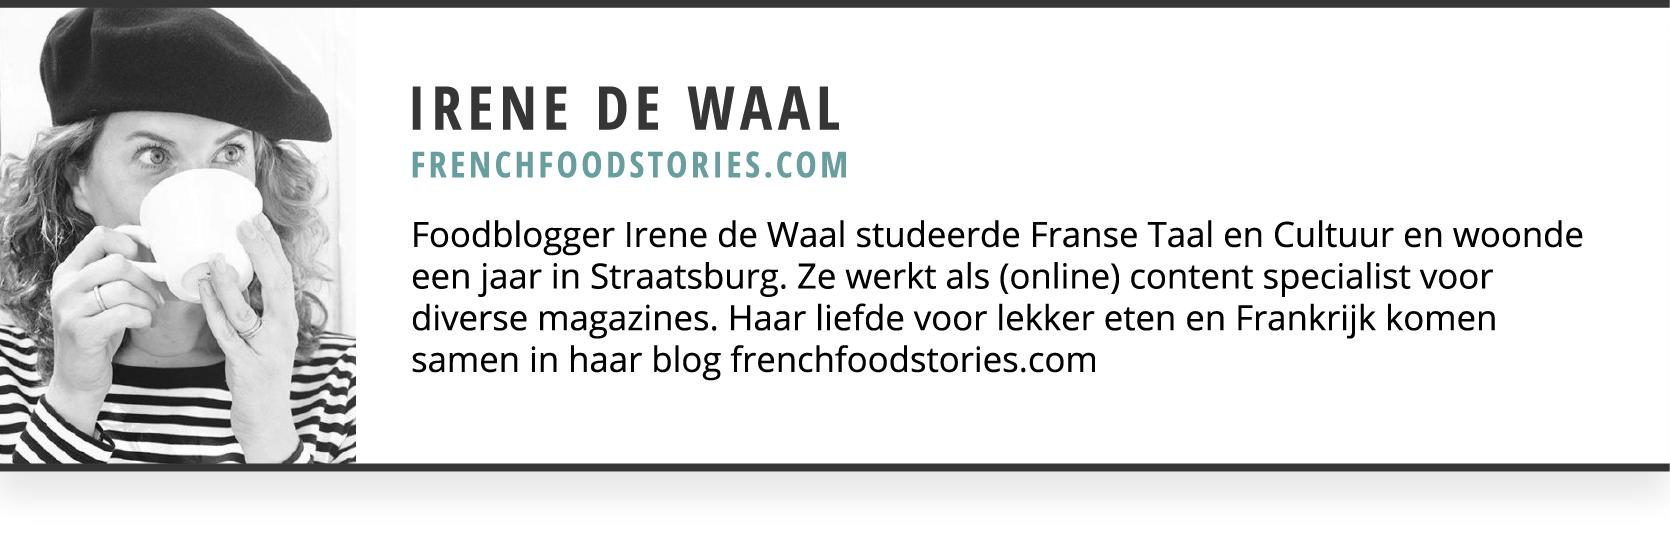 Irene-De-Waal-NL.jpg